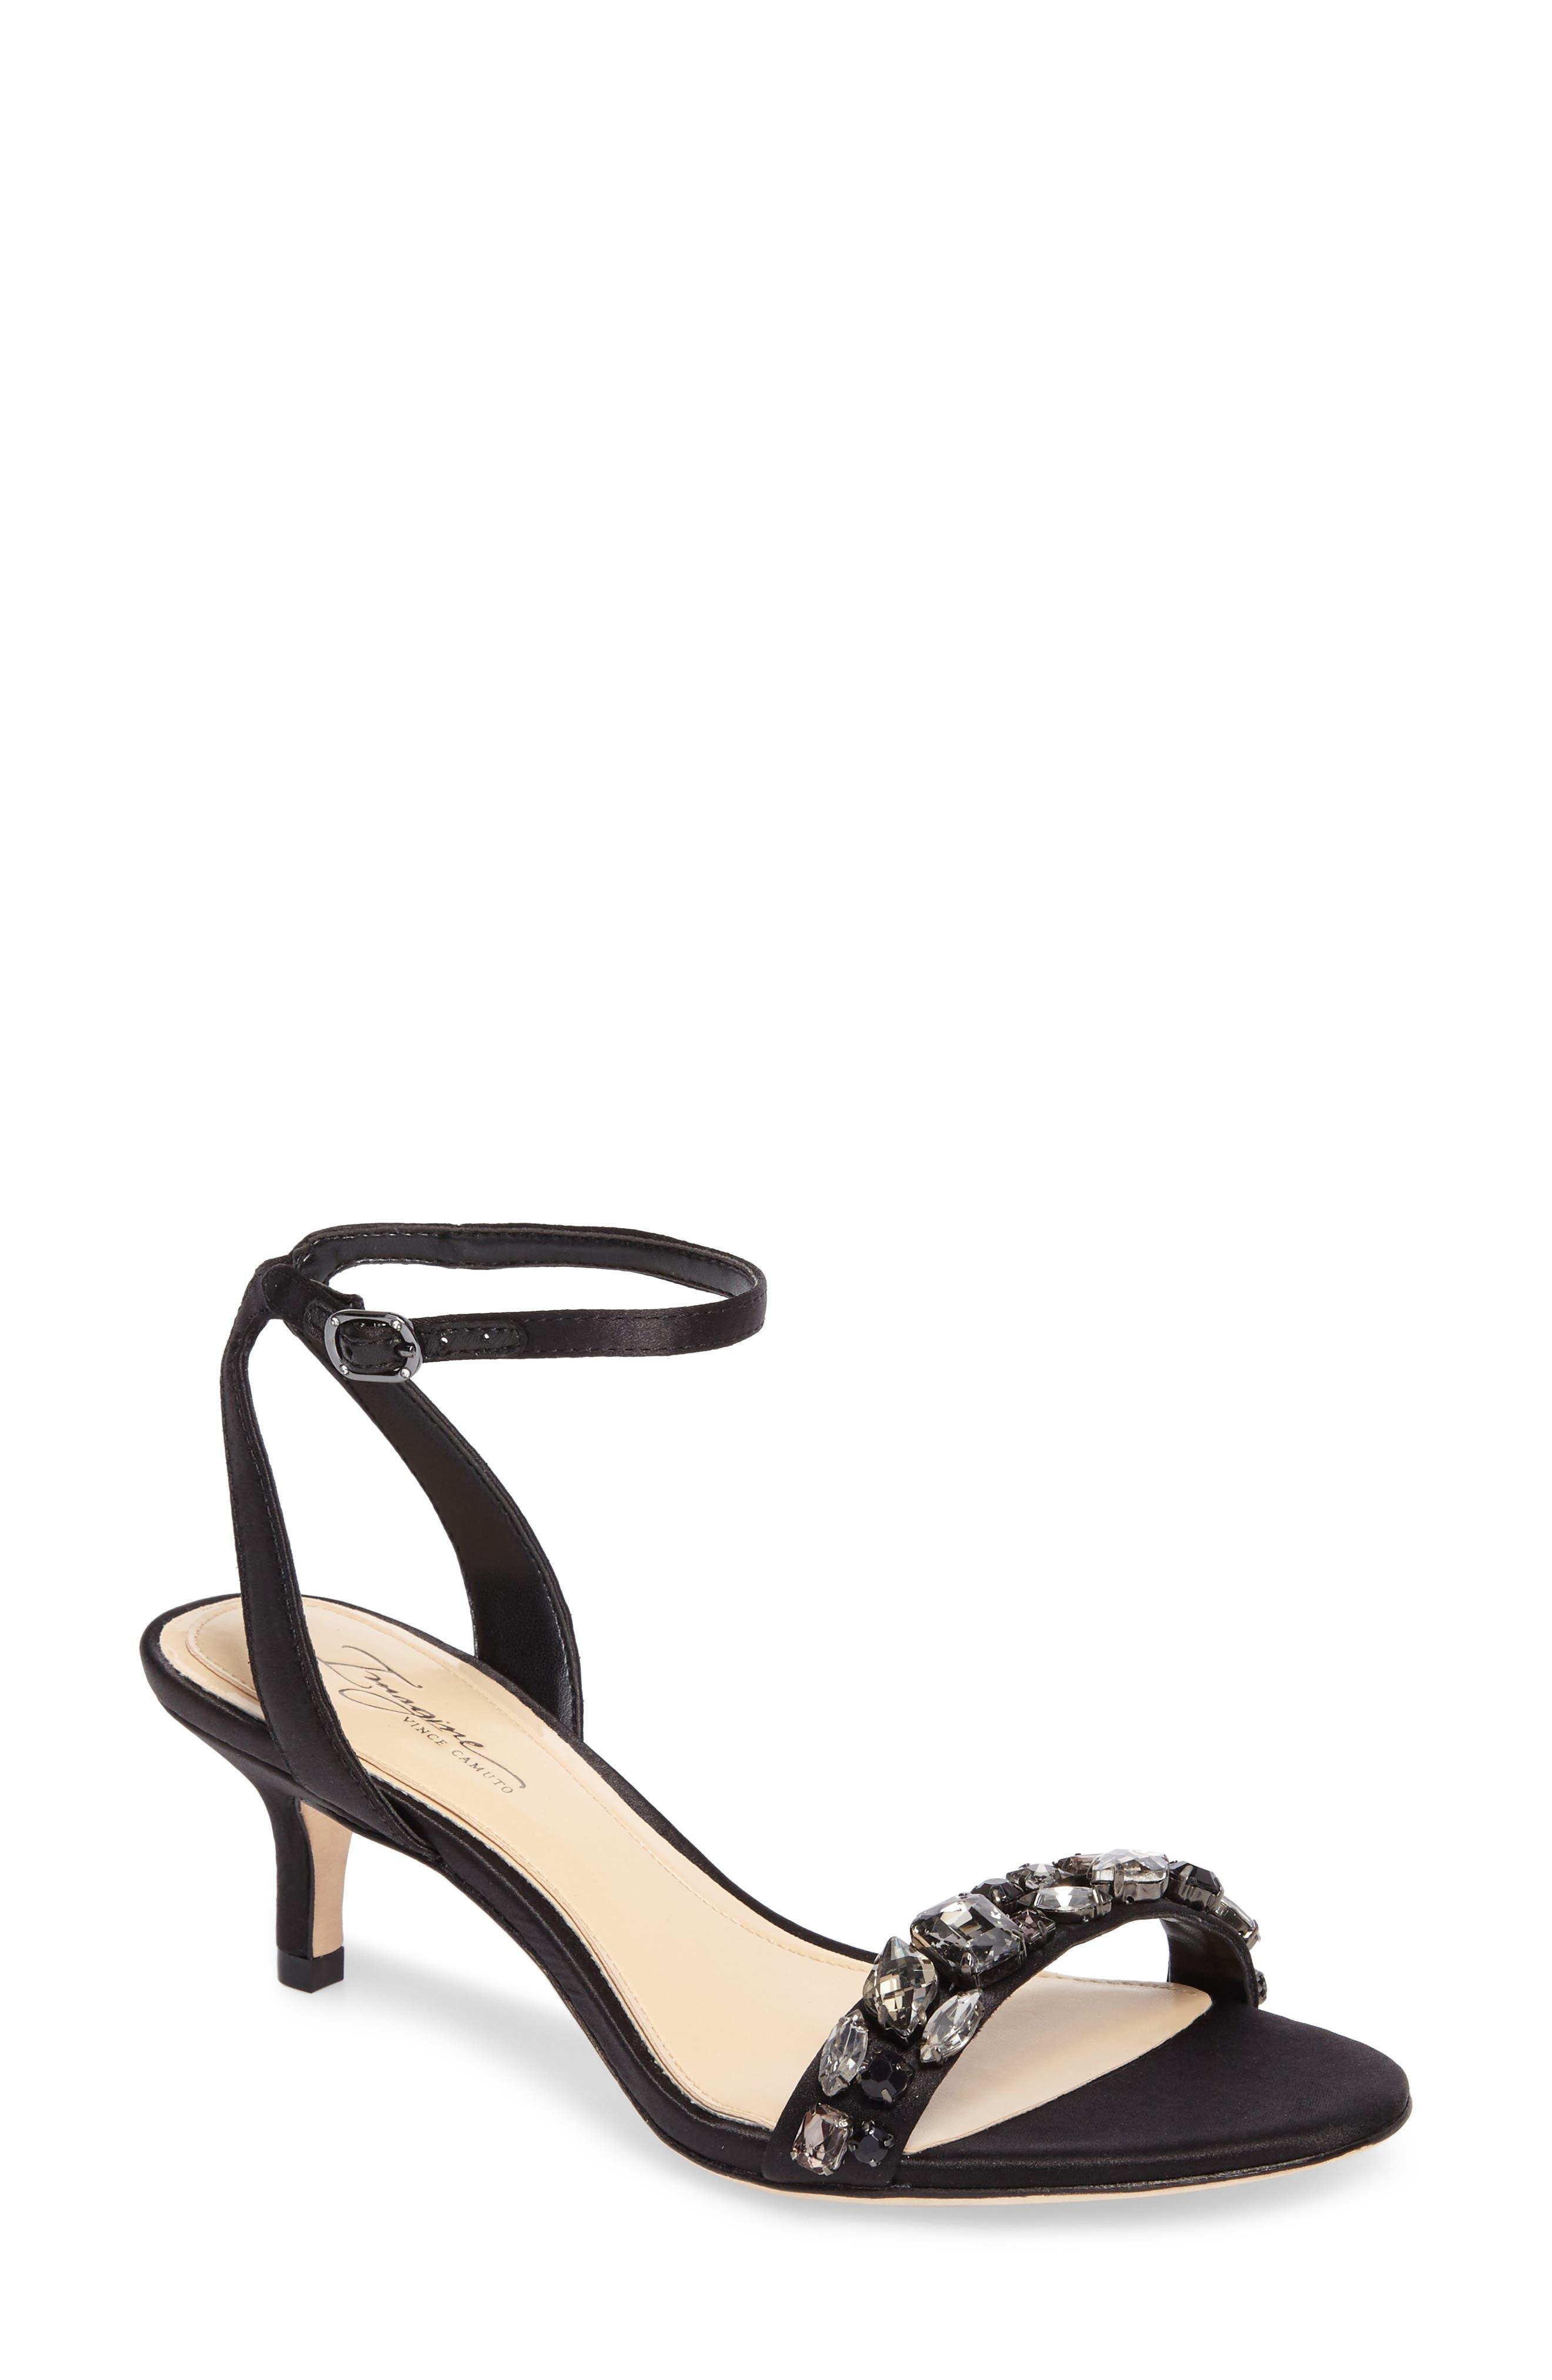 Imagine Vince Camuto Kolo Embellished Kitten Heel Sandal,                         Main,                         color, 001